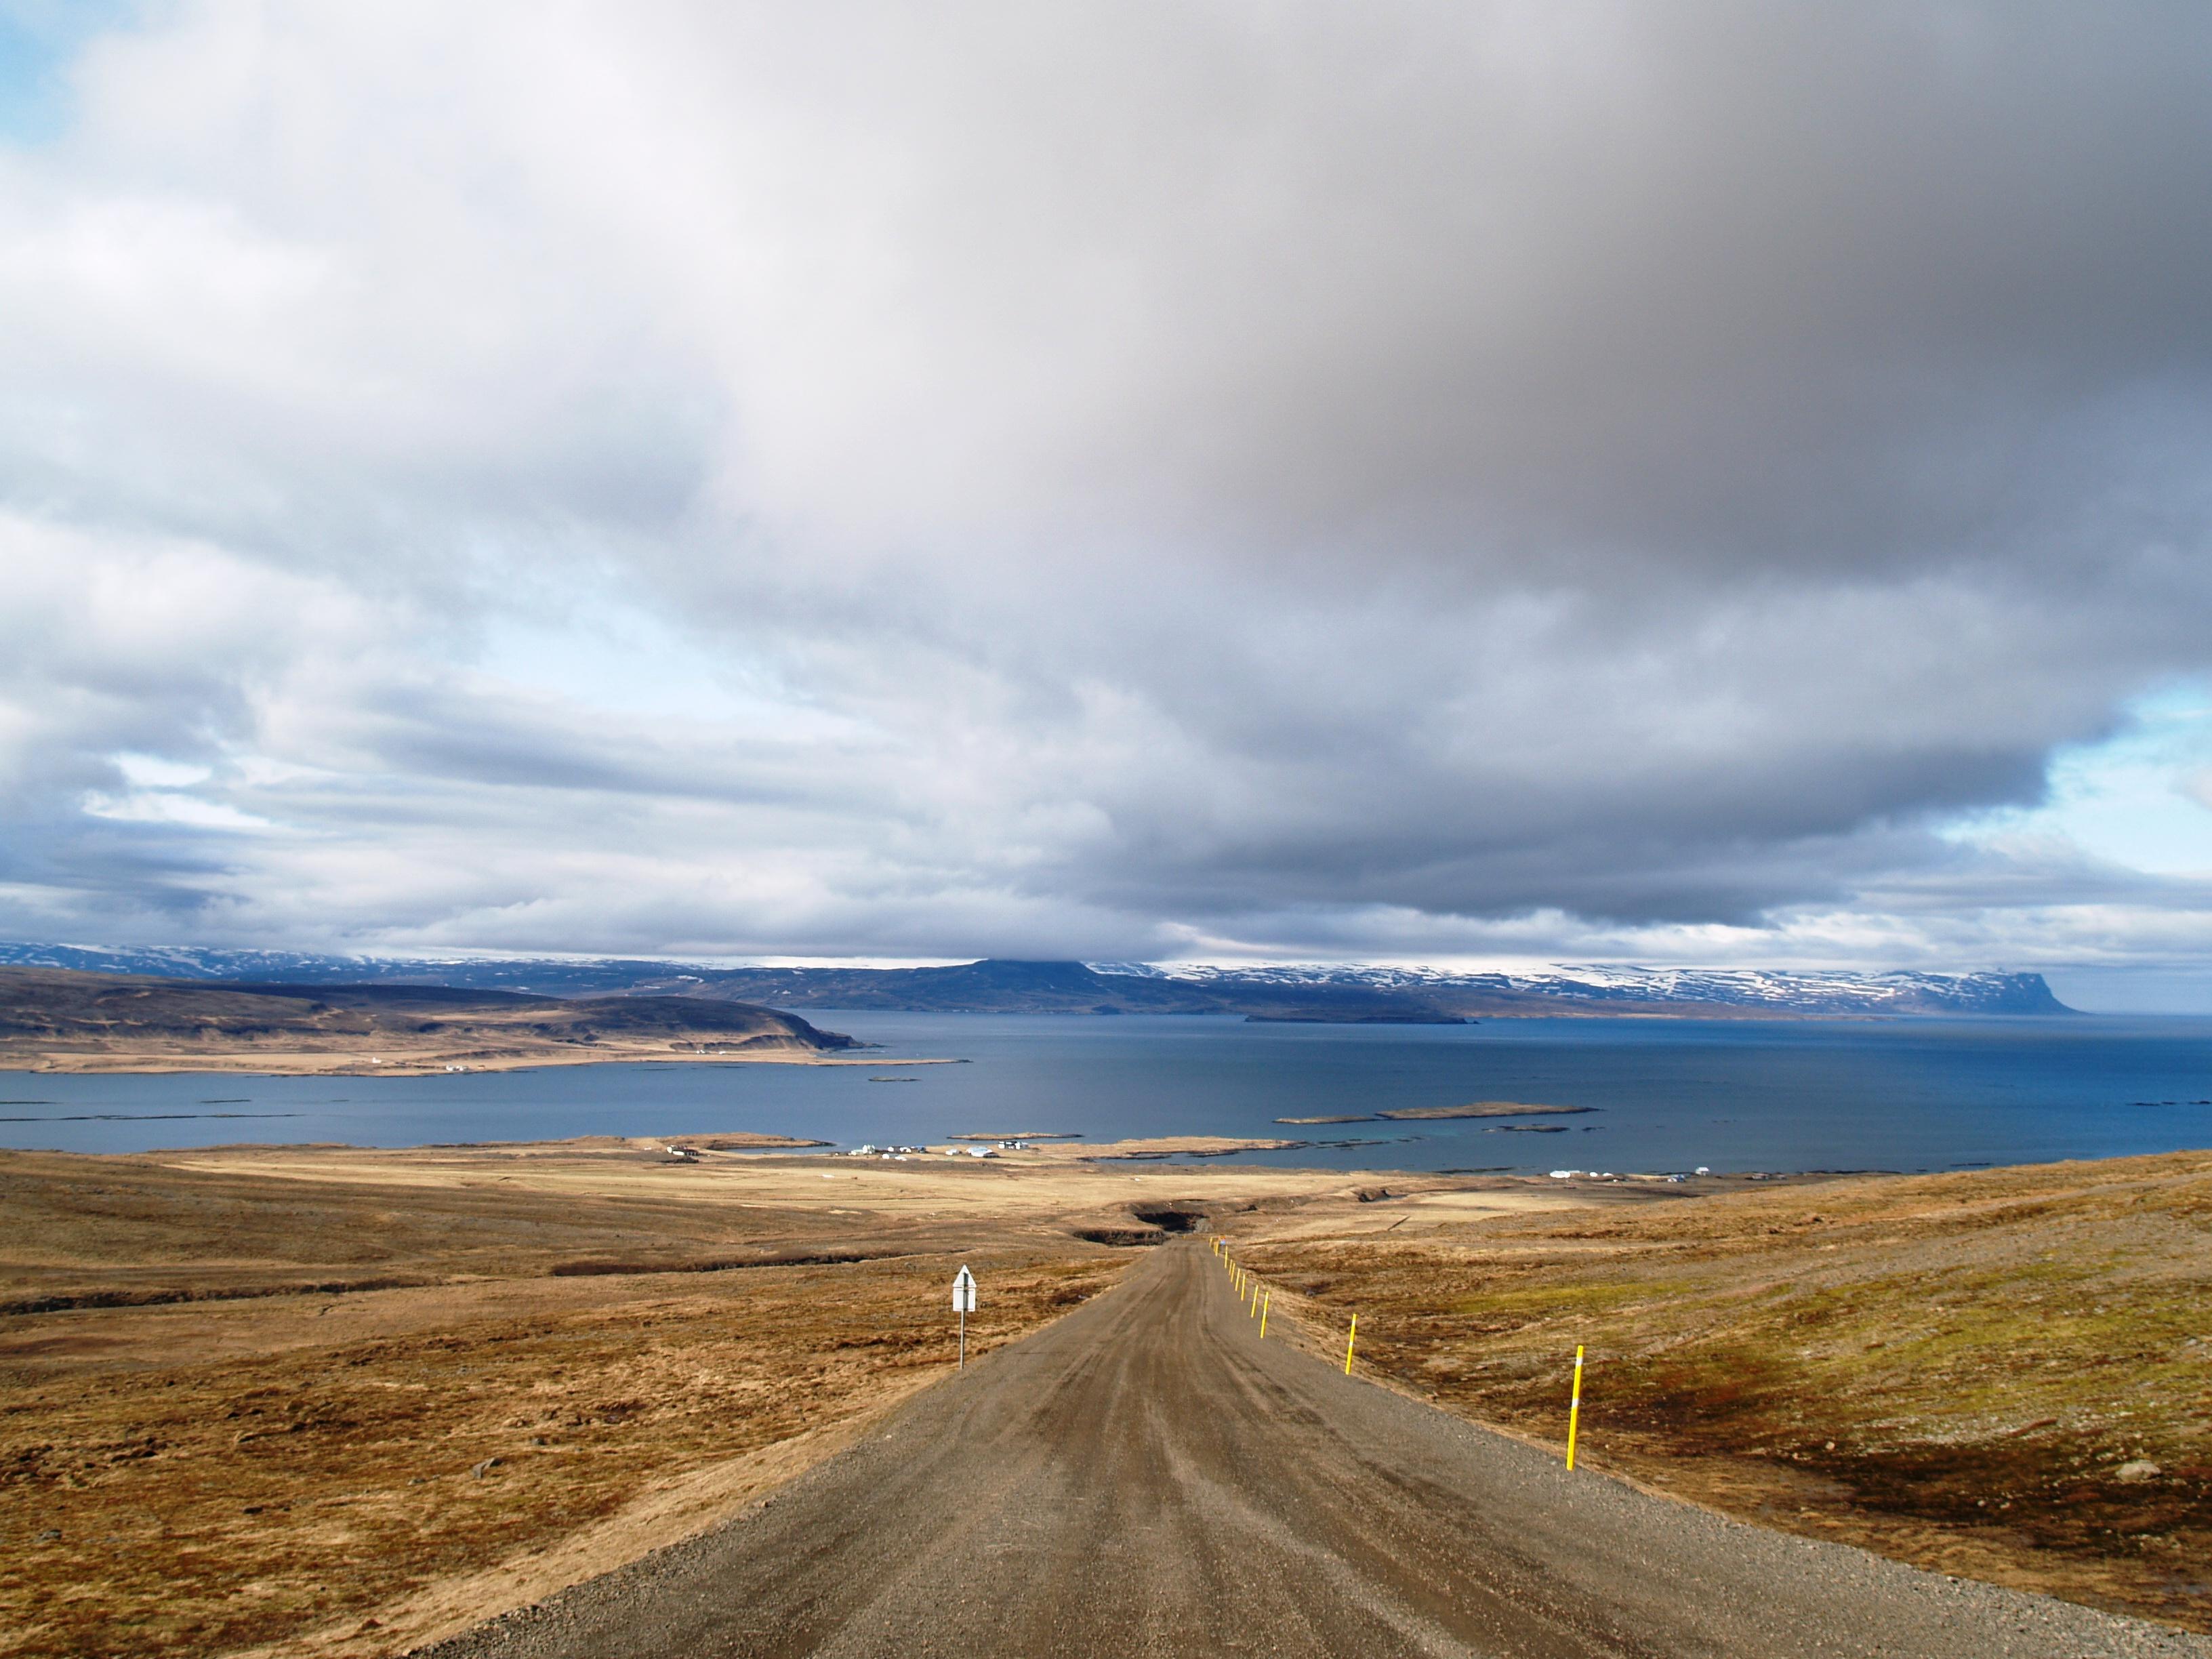 来冰岛旅行一定要自驾吗?